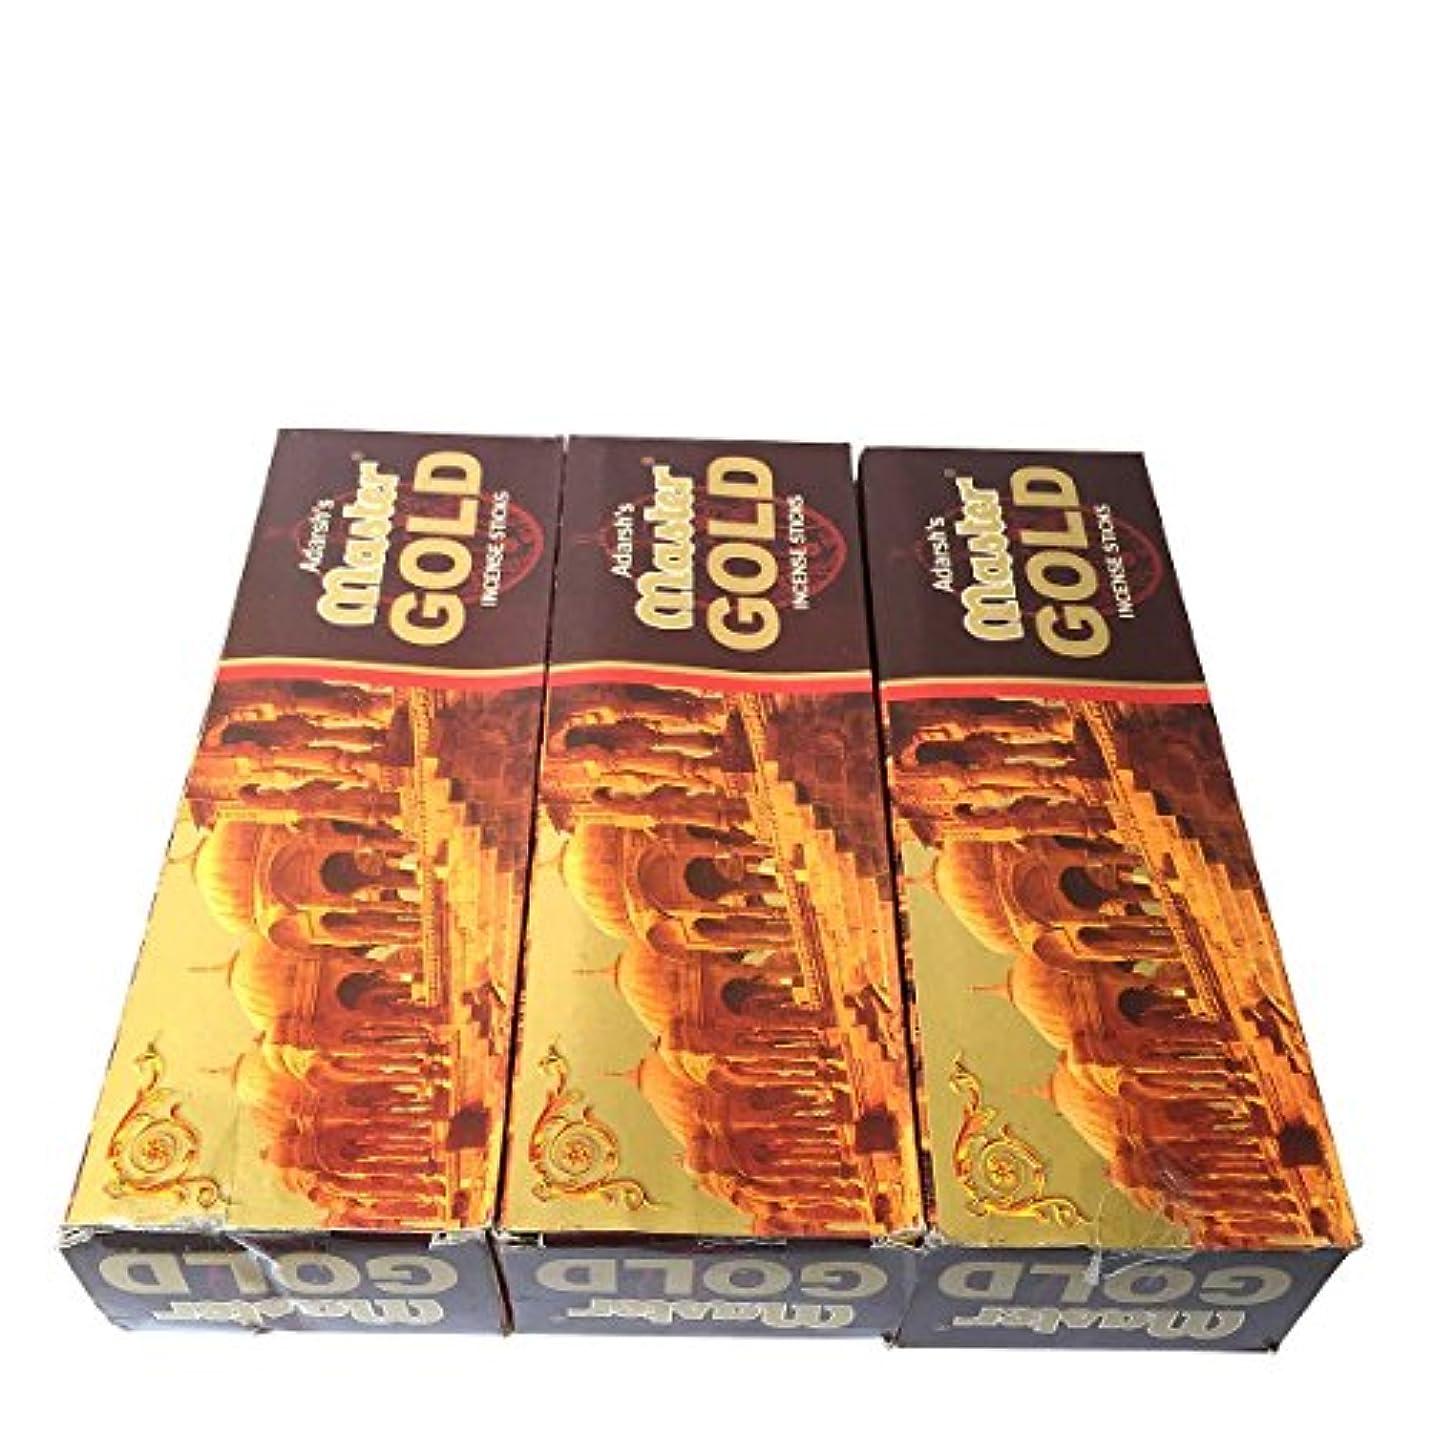 持続するエクスタシーアルコールマスターゴールド香スティック 3BOX(18箱) /ADARSH AROMATICS  MASTER GOLD/インセンス/インド香 お香 [並行輸入品]